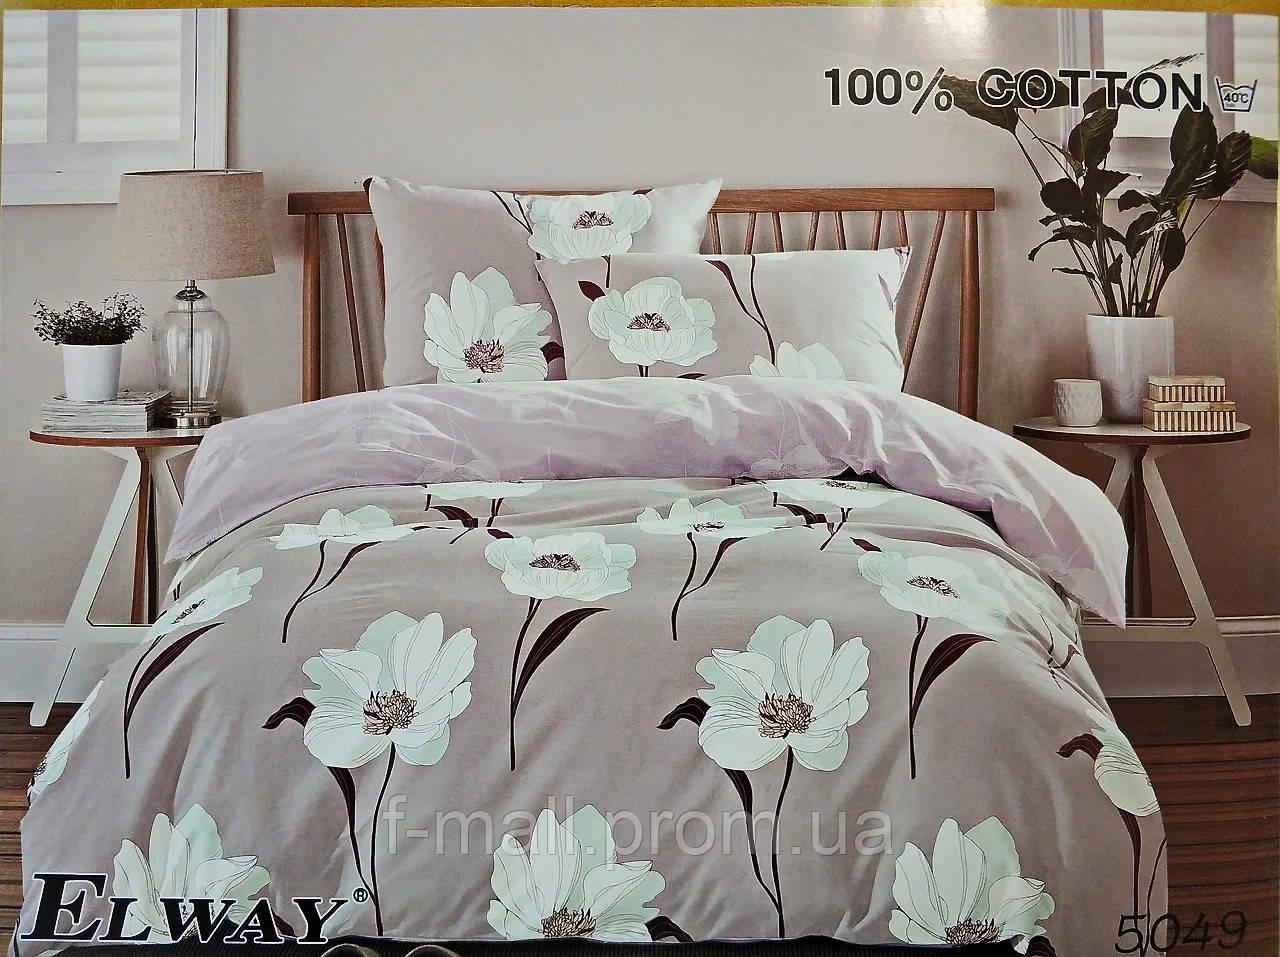 Комплект постельного белья ELWAY (Польша) Сатин семейный (5049)